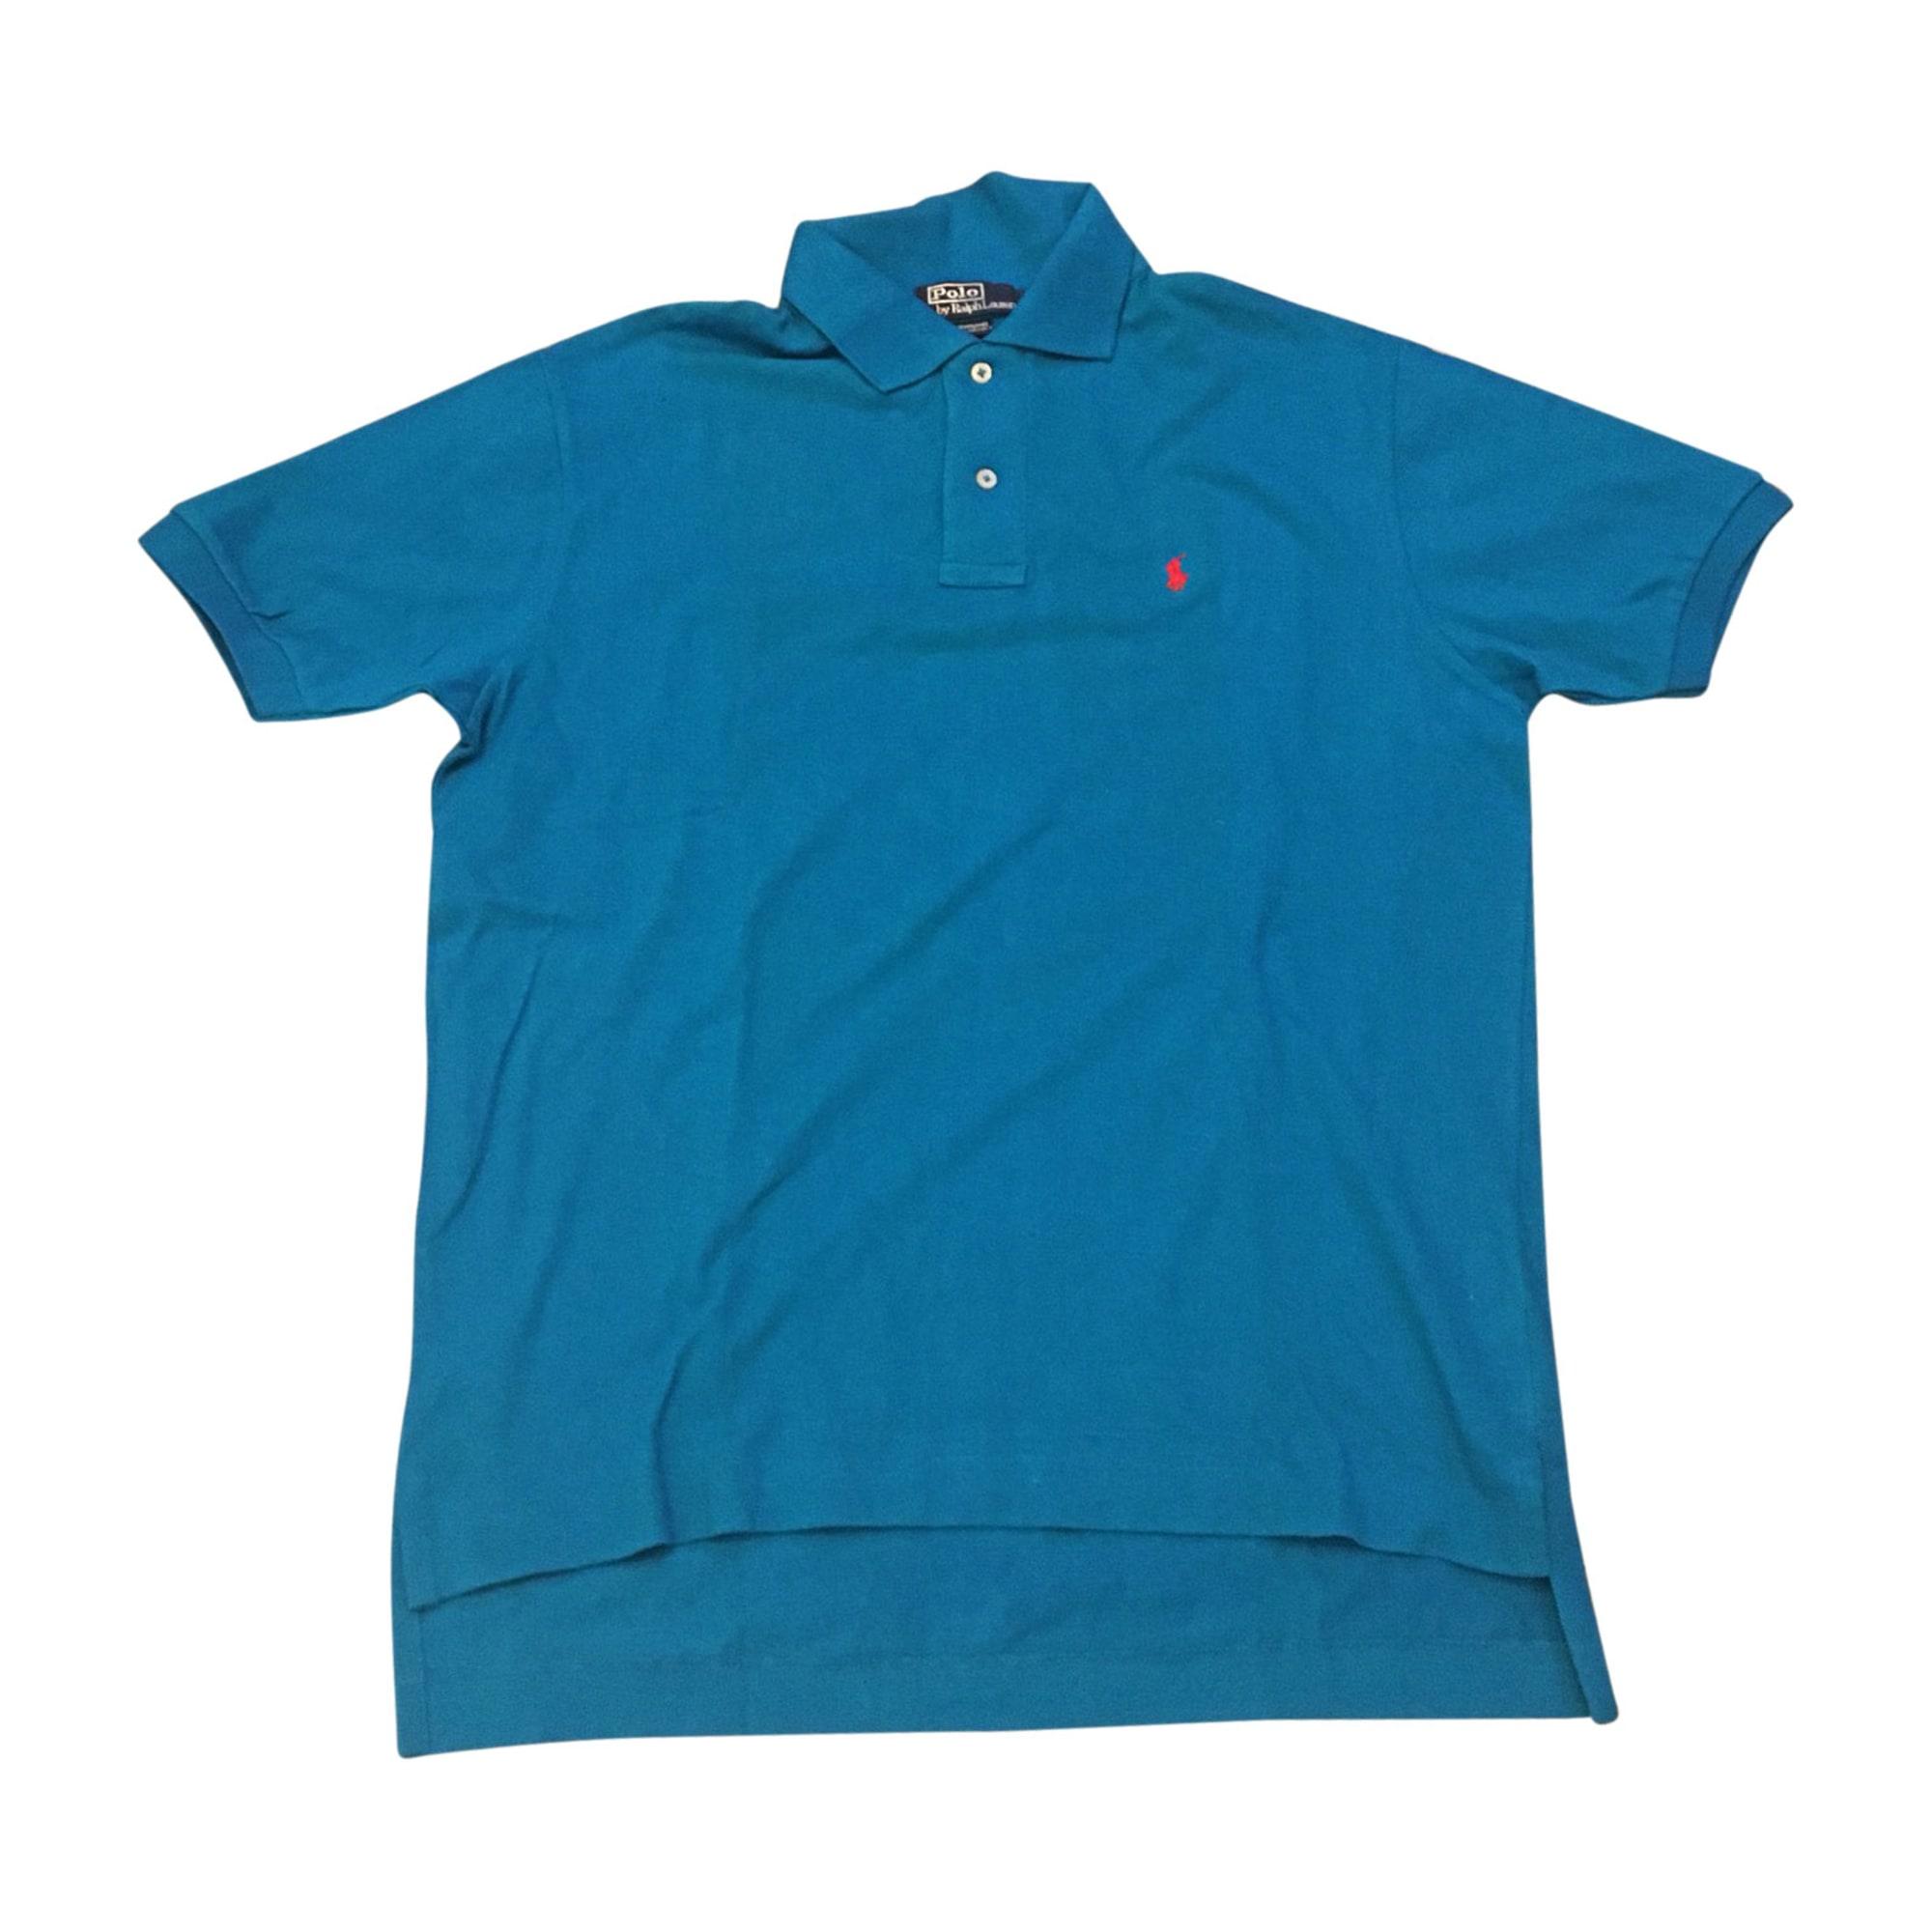 Polo RALPH LAUREN Bleu, bleu marine, bleu turquoise